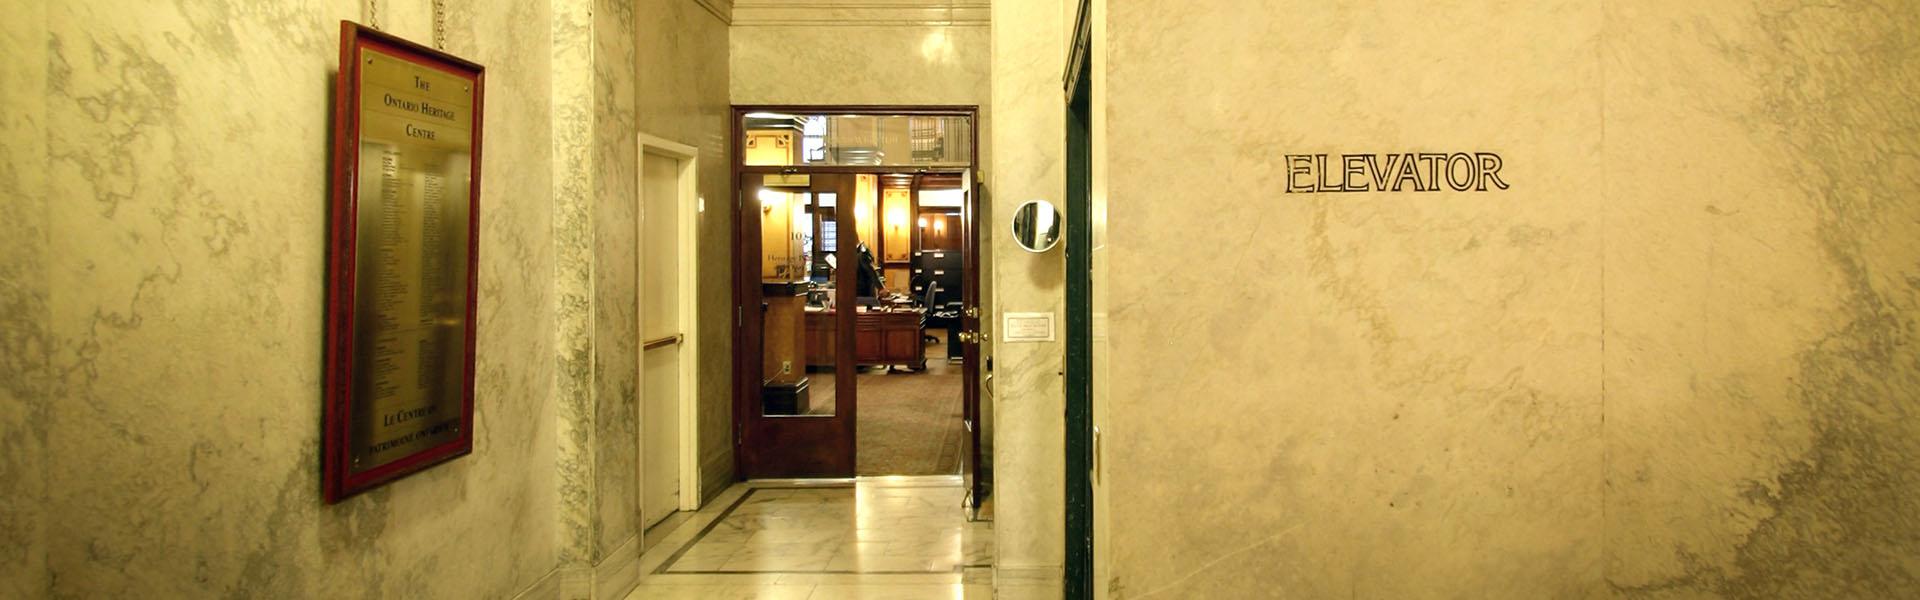 Ontario Heritage Centre, Toronto (lobby)